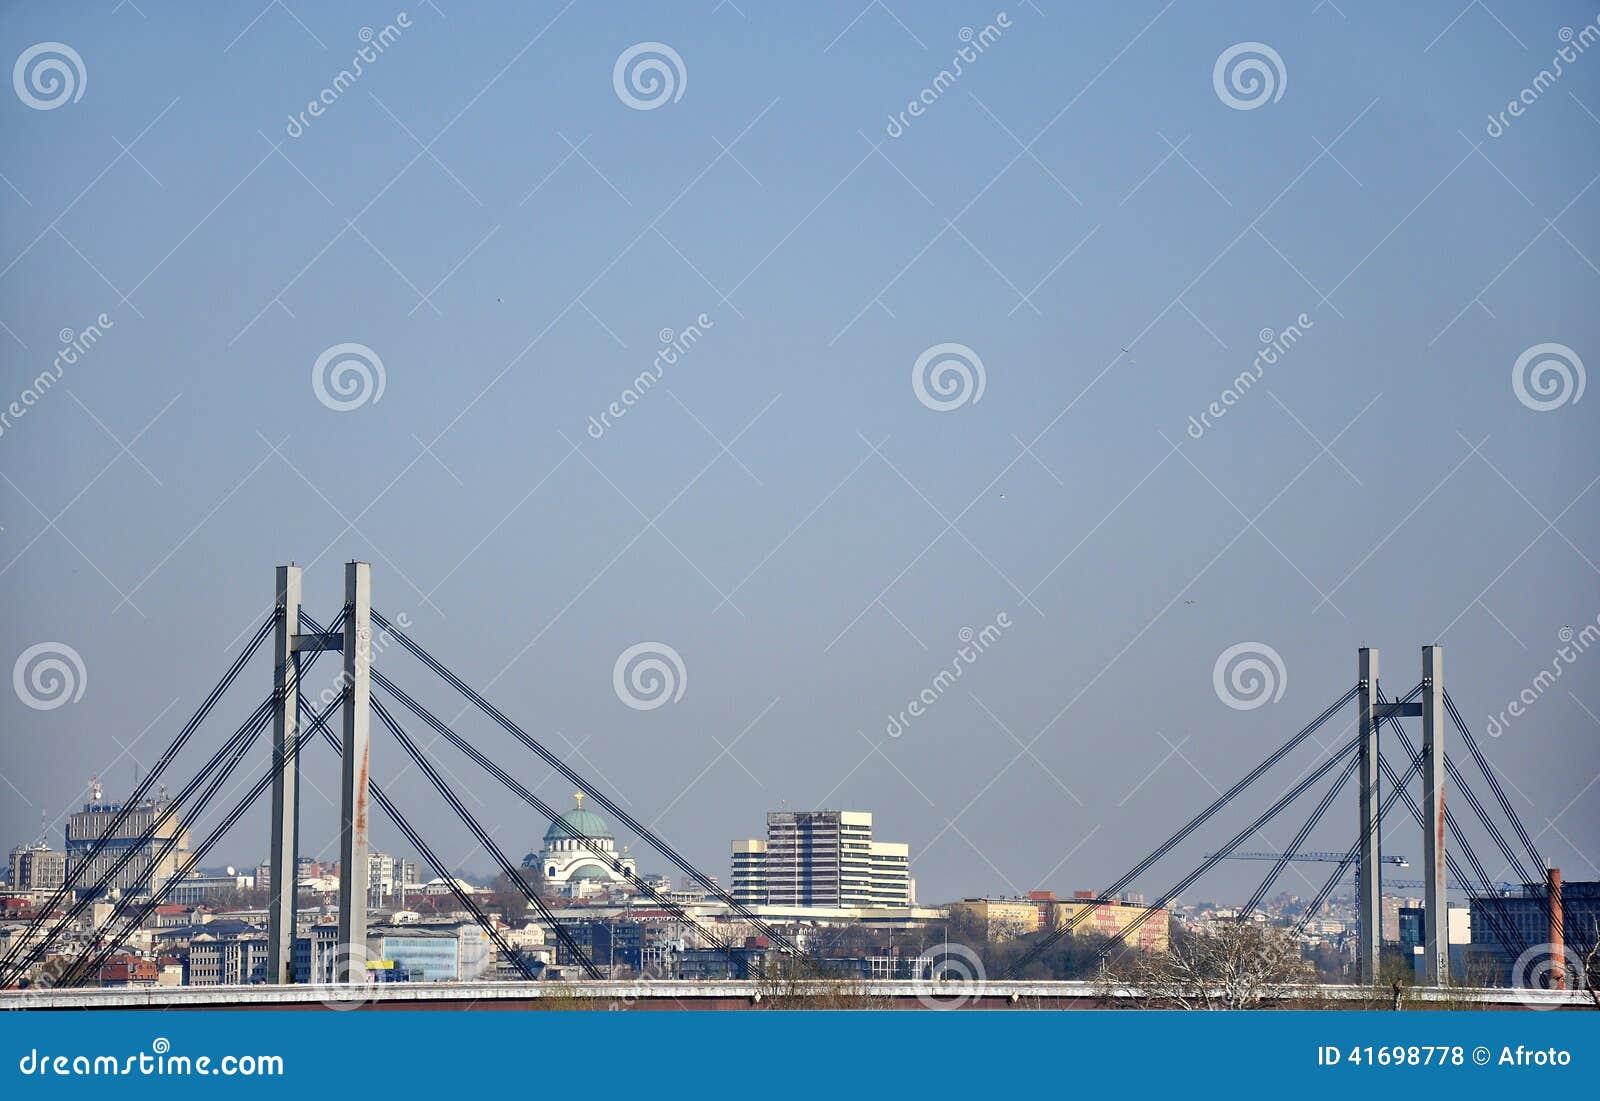 Мост в большом городе Белграда